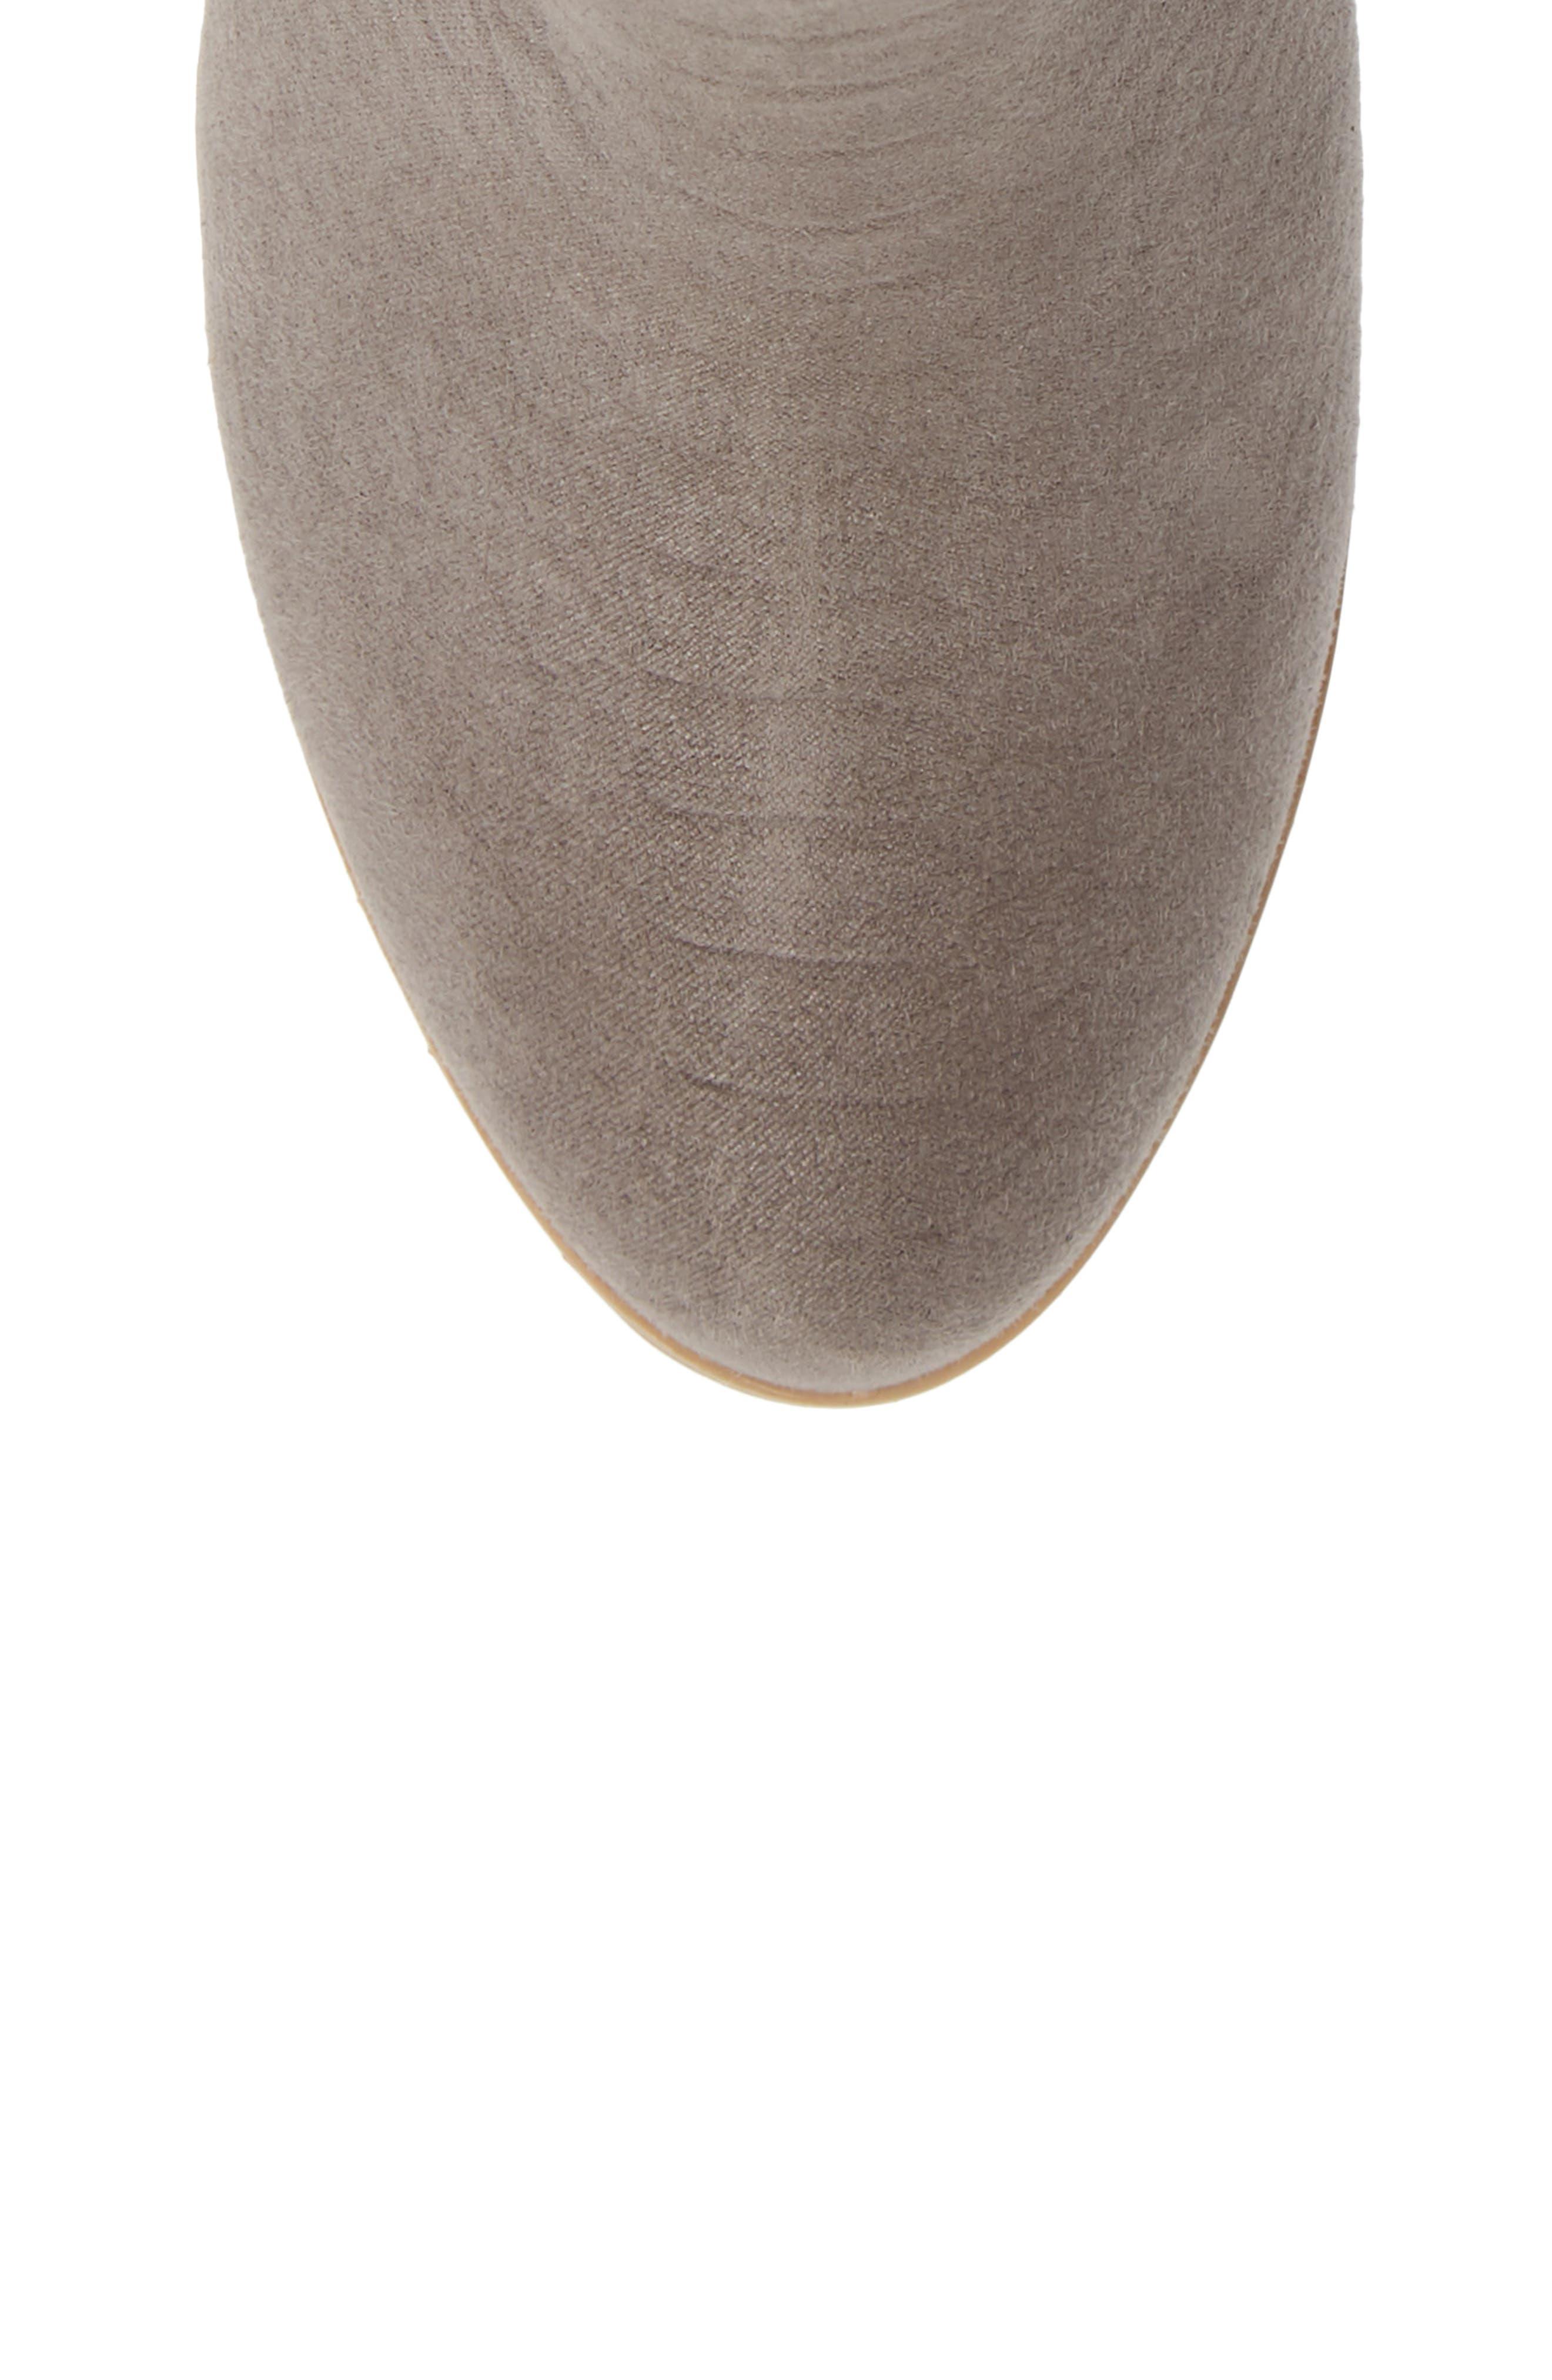 BC FOOTWEAR,                             Kettle Block Heel Bootie,                             Alternate thumbnail 5, color,                             GREY VEGAN SUEDE